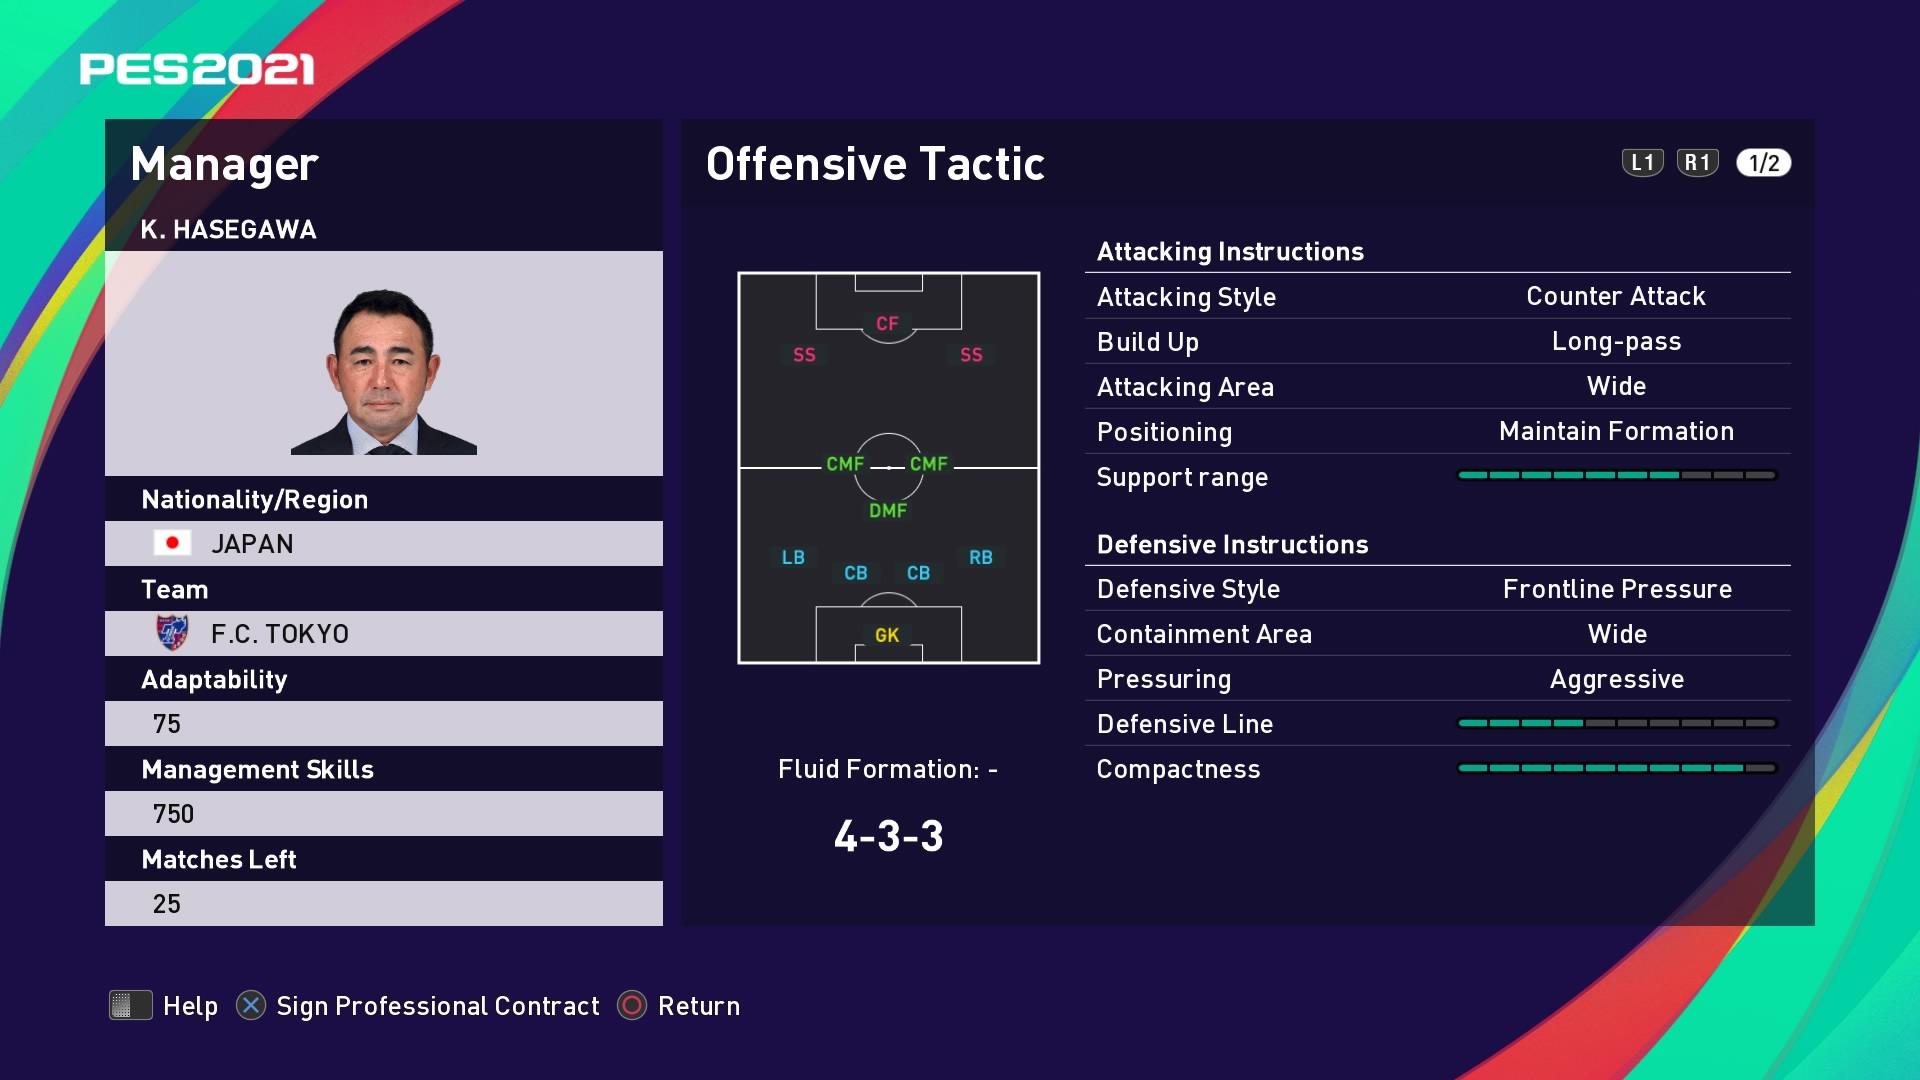 K. Hasegawa (Kenta Hasegawa) Offensive Tactic in PES 2021 myClub